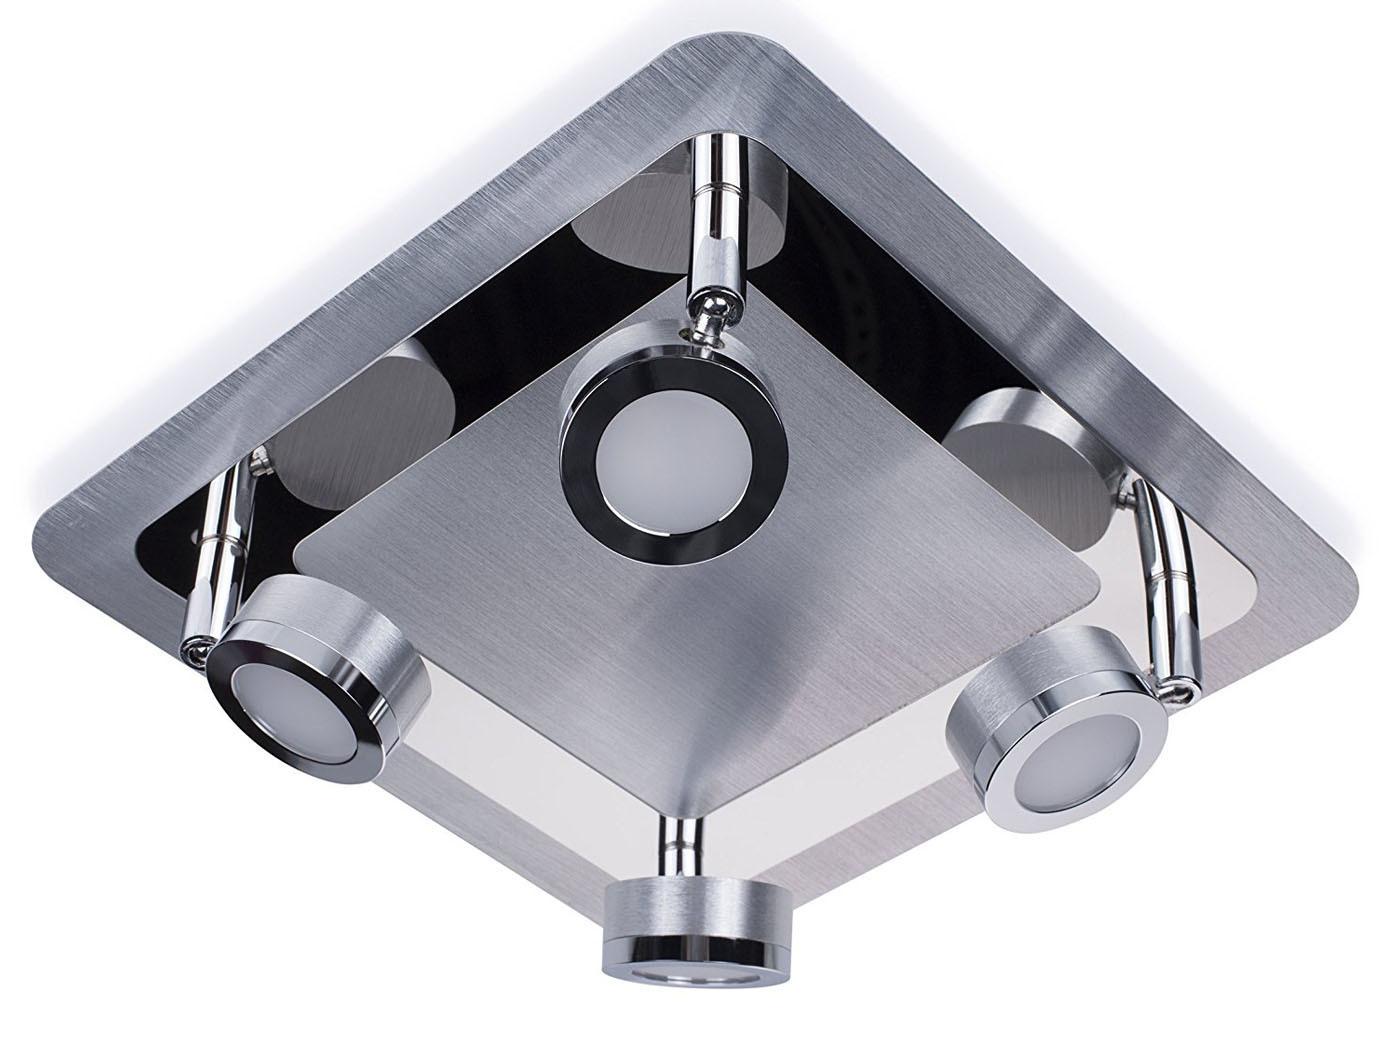 Moderne Badezimmer Deckenleuchte LED 4flammig, schwenkbare Badlampe ...